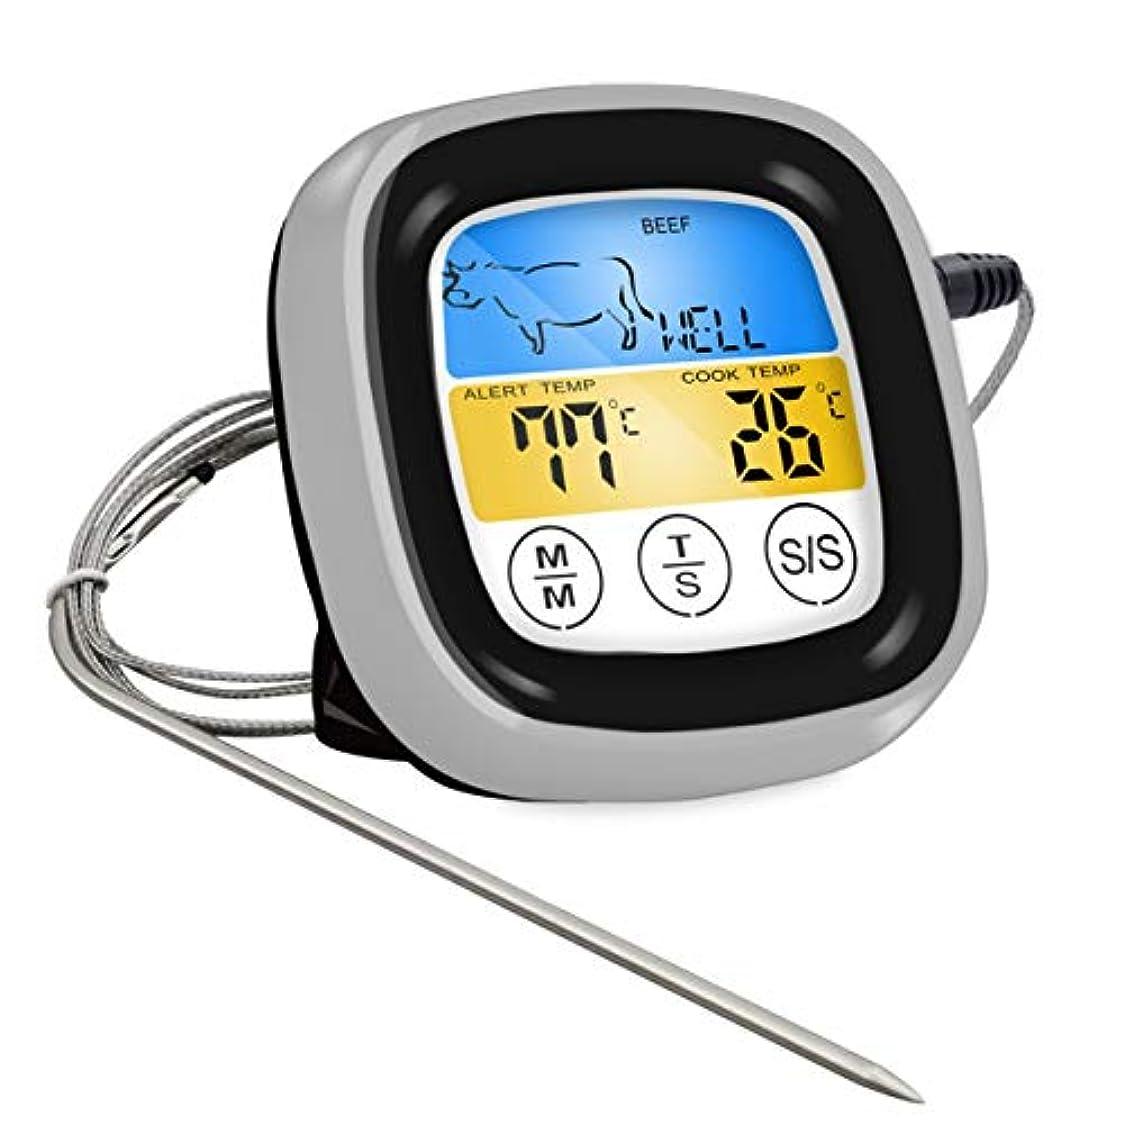 Saikogoods オーブン肉グリル 無料アプリの制御のためのシックス?プローブおよびタイマー付きフードクッキング ワイヤレスBBQ温度計 黒い銀